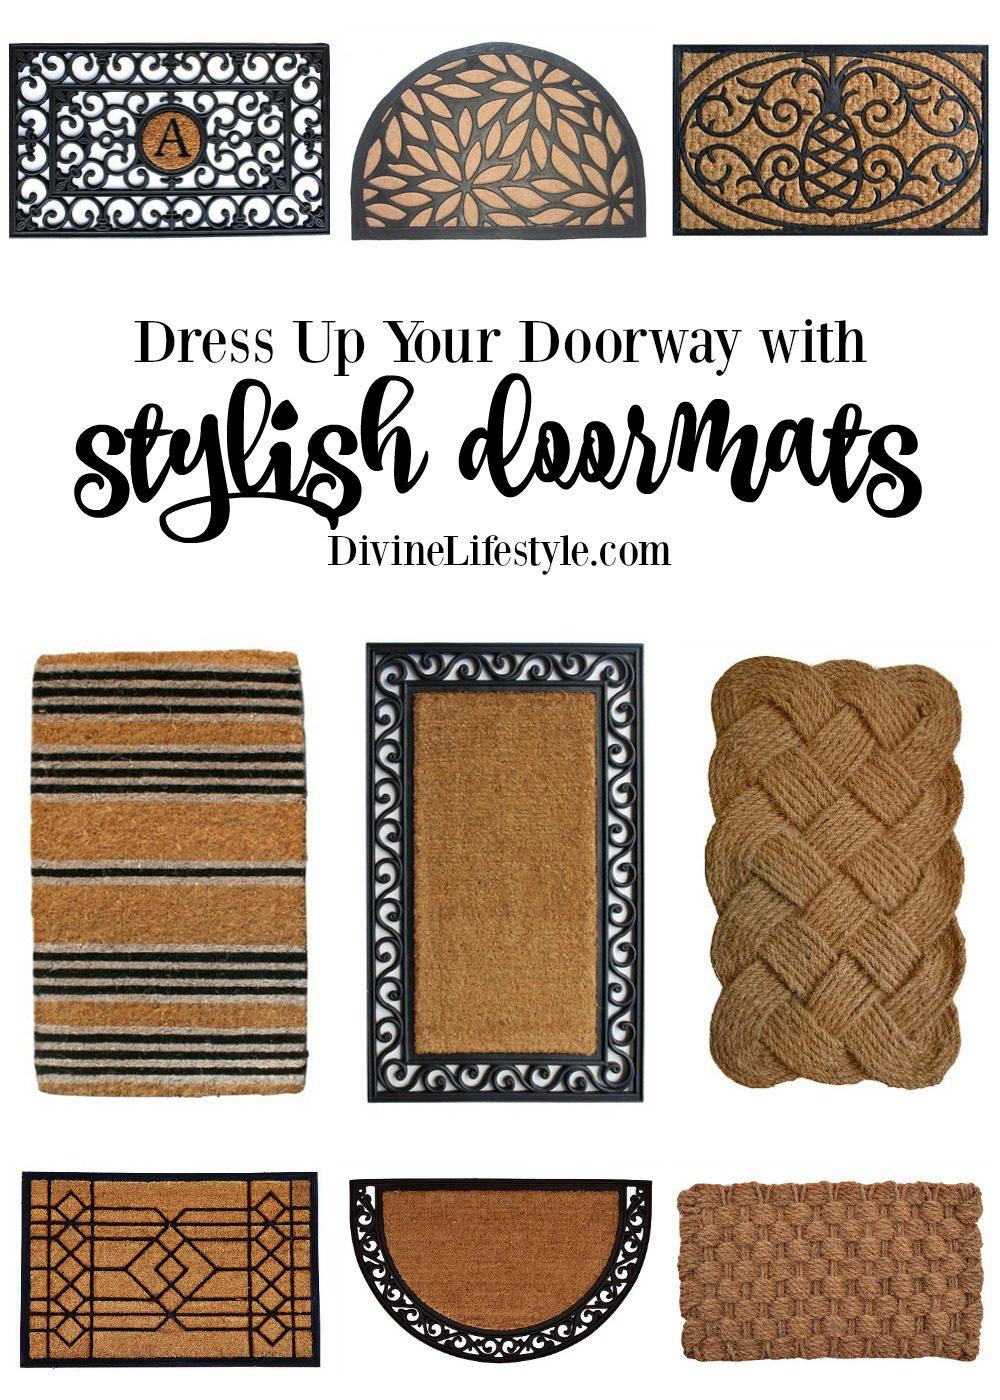 Stylish Doormats to Dress Up Your Doorway